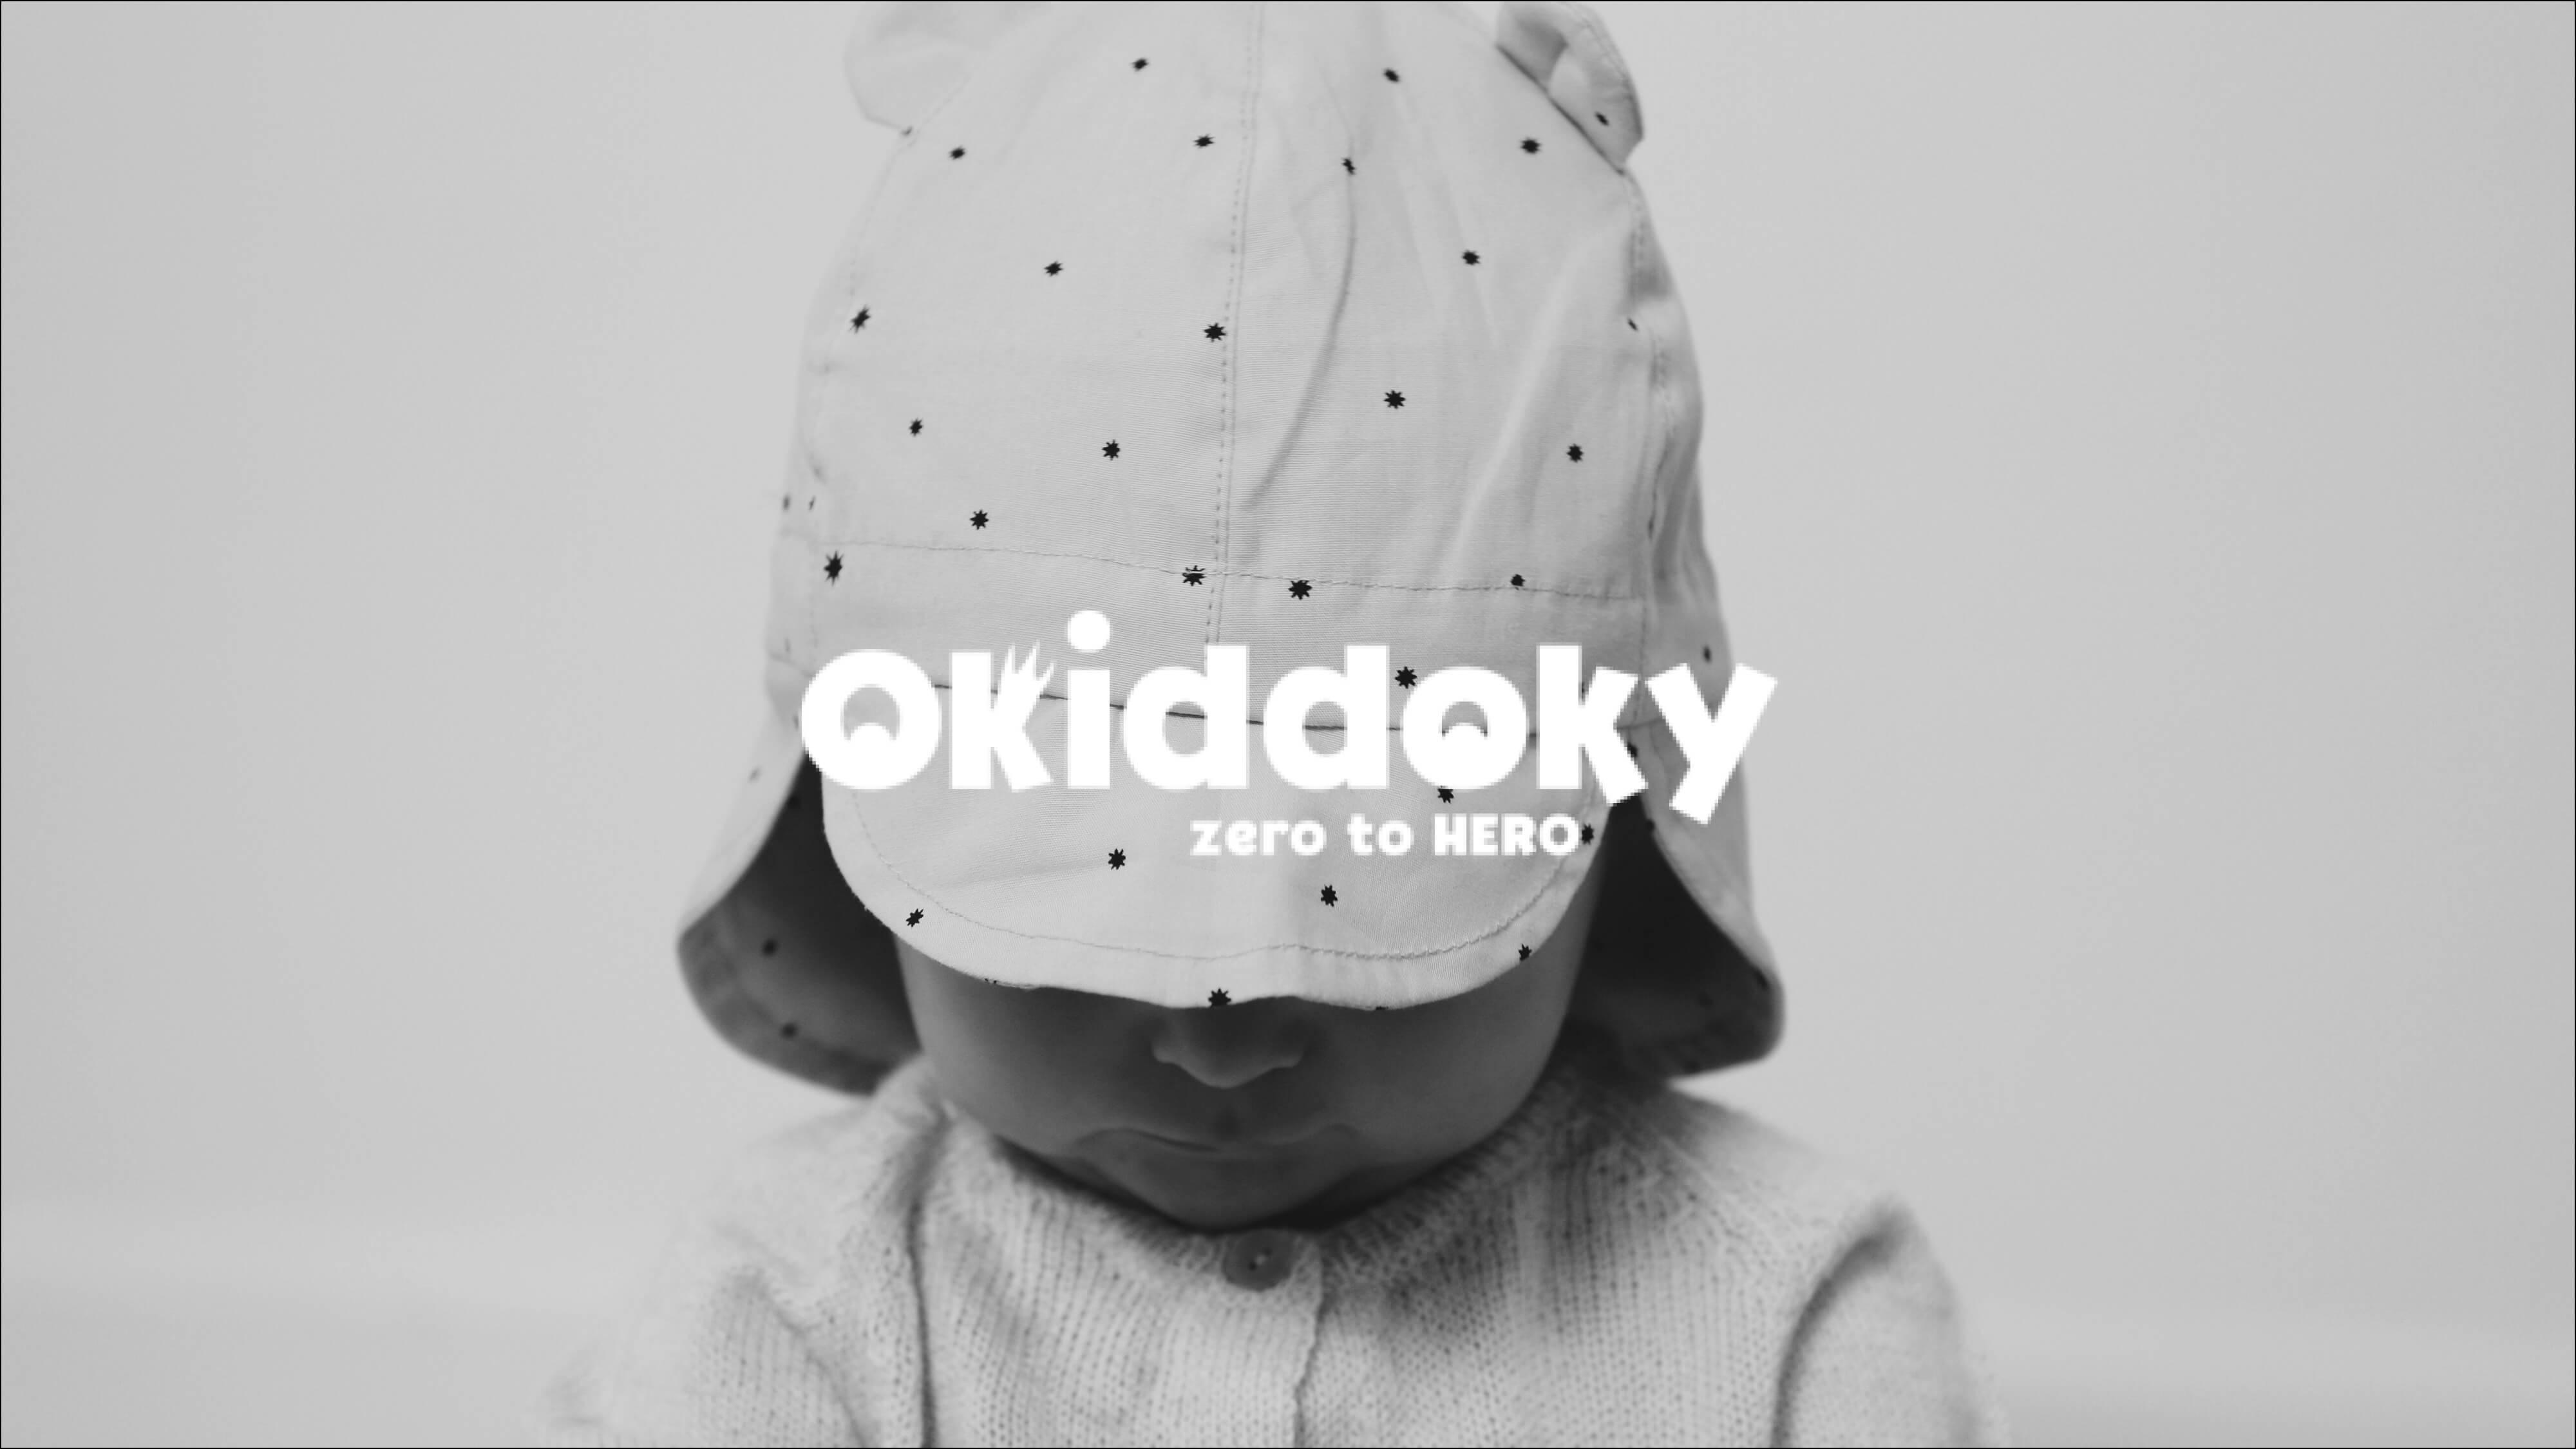 OKIDDOKY